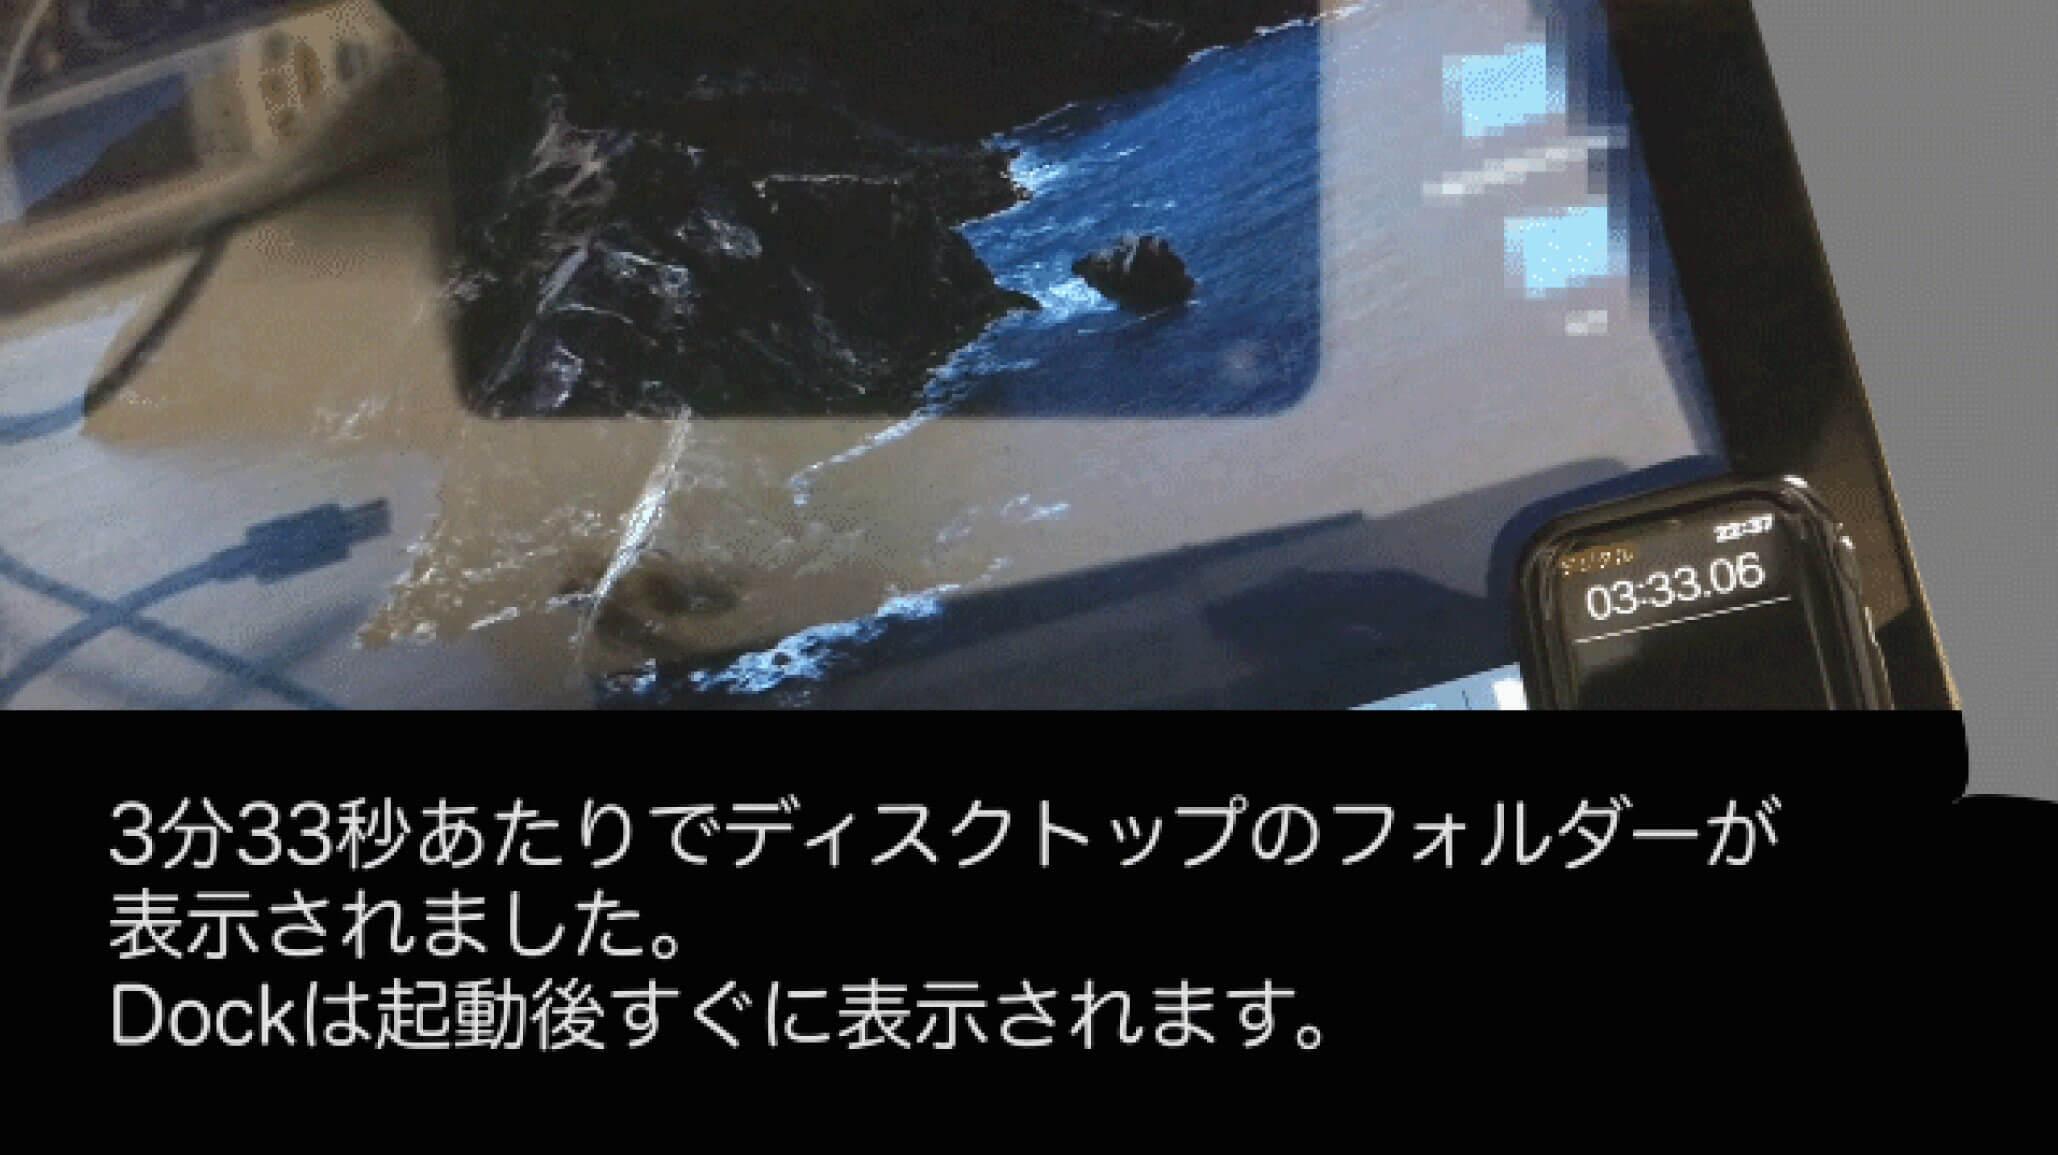 3分30秒あたりでデスクトップのフォルダーが表示されました。Dockは起動後すぐに表示されます